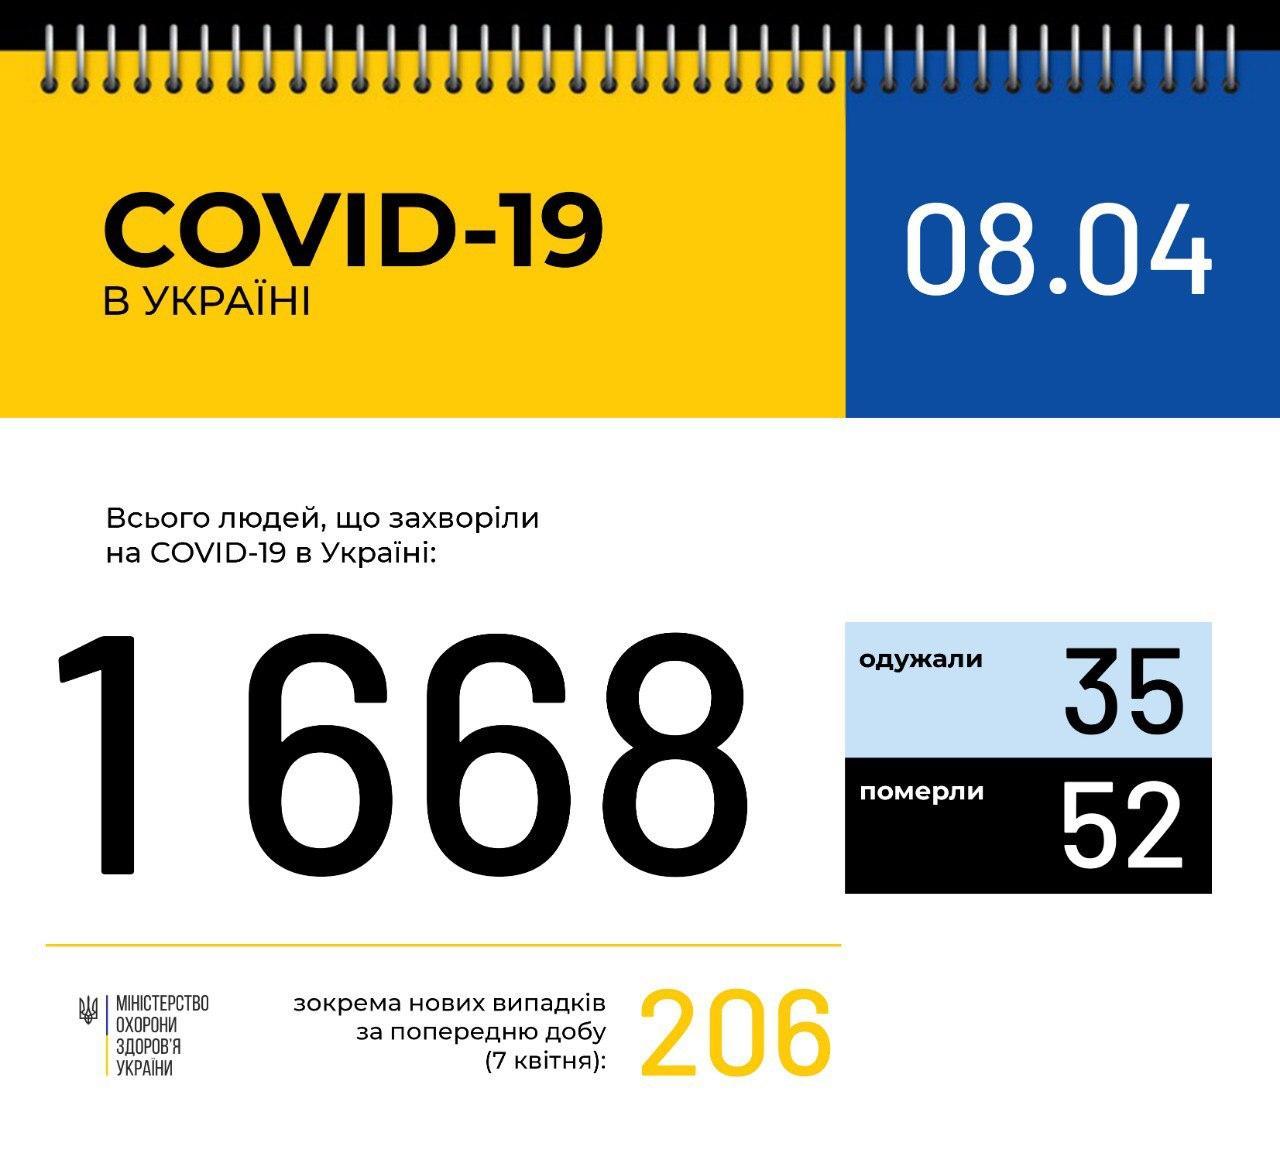 За добу на 206 осіб більше! – в Україні зафіксовано 1668 випадків коронавірусної хвороби COVID-19